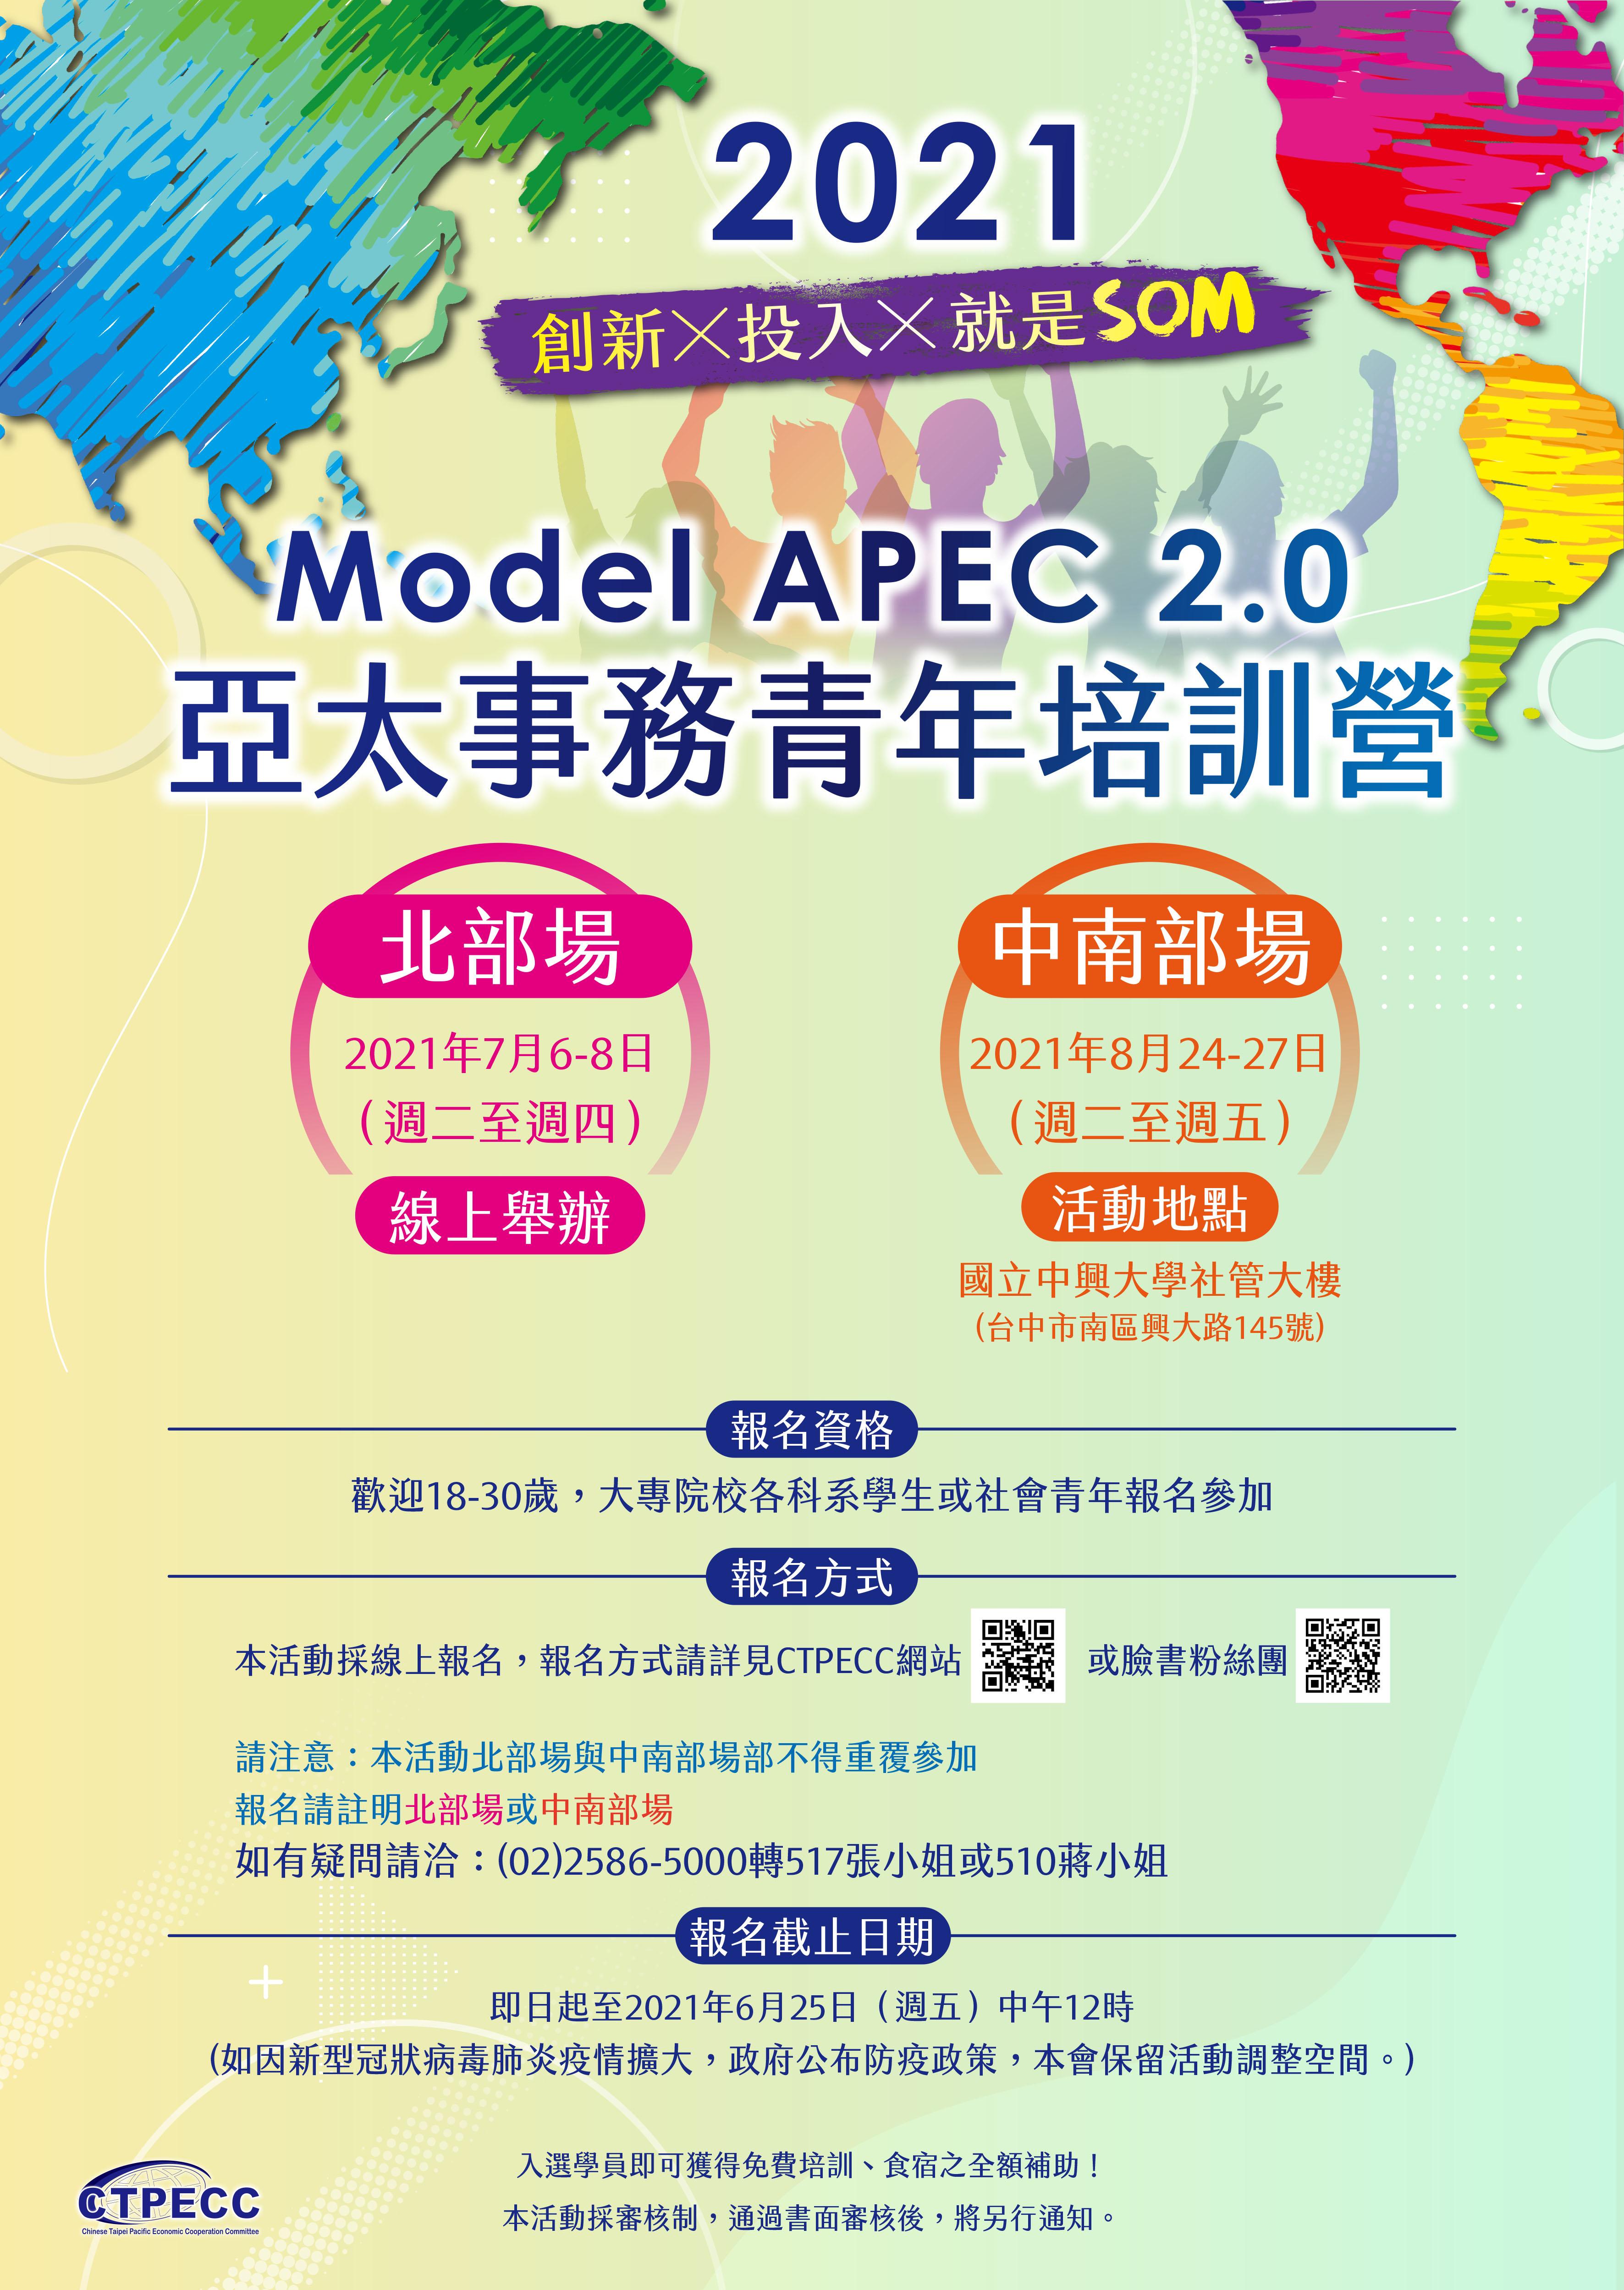 2021亞太事務青年培訓營-Model APEC 2.0